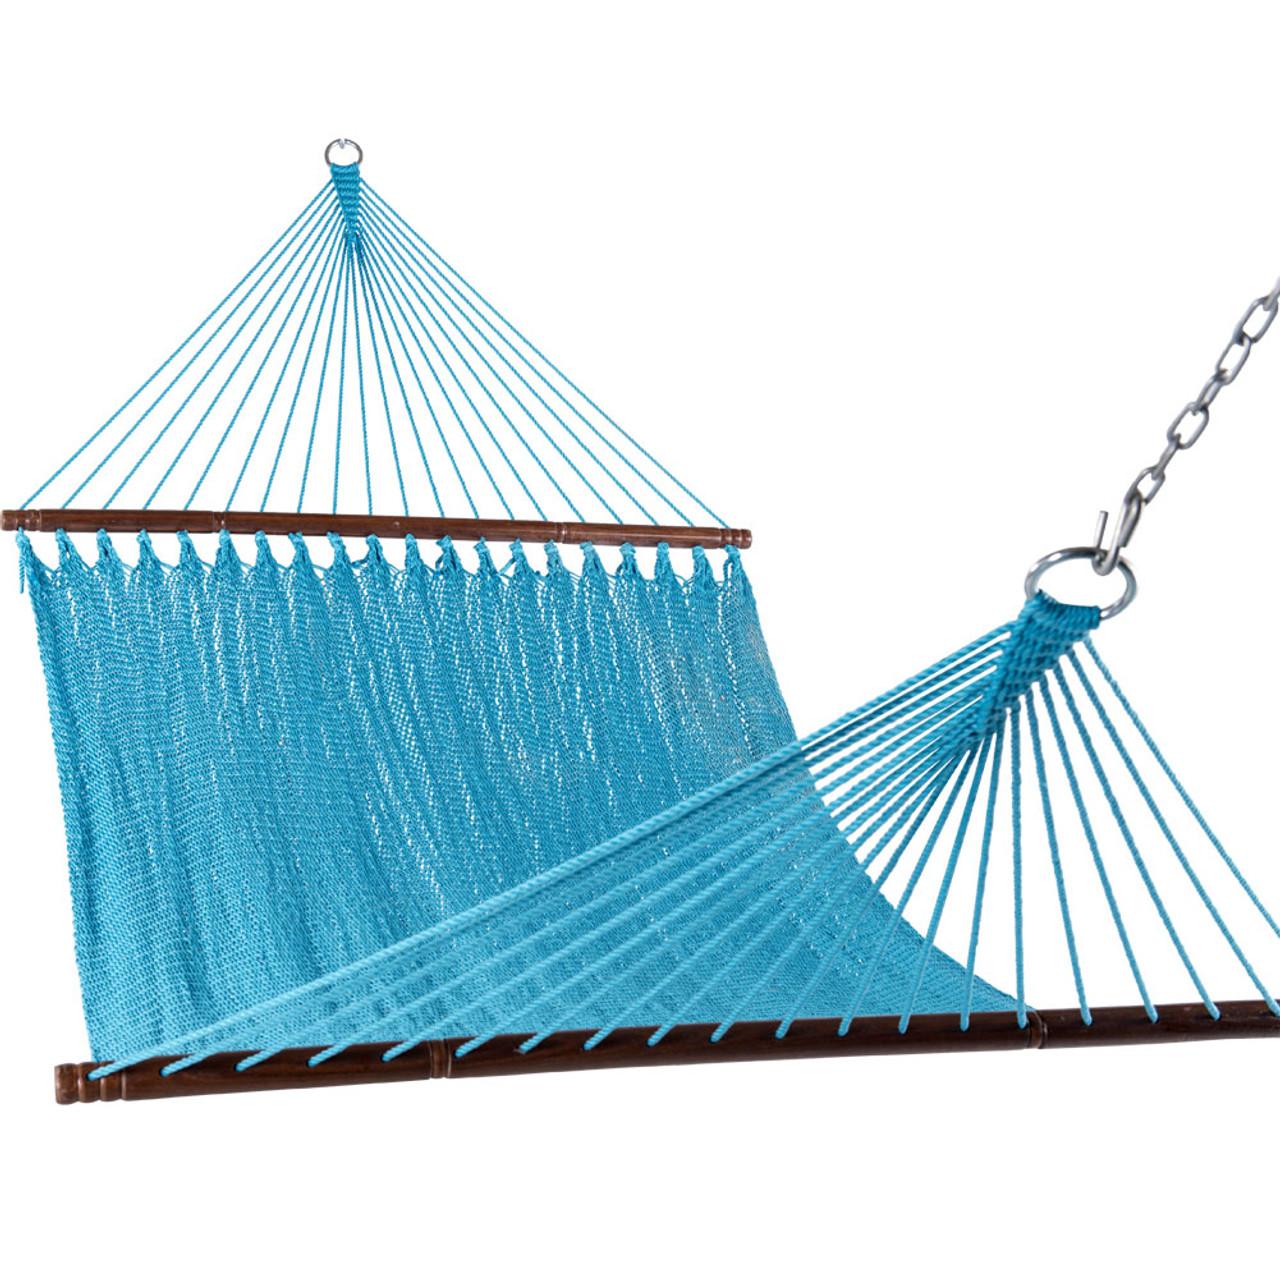 hammock hammocks warimba rasta handmade mexican town collections yucatan xaman